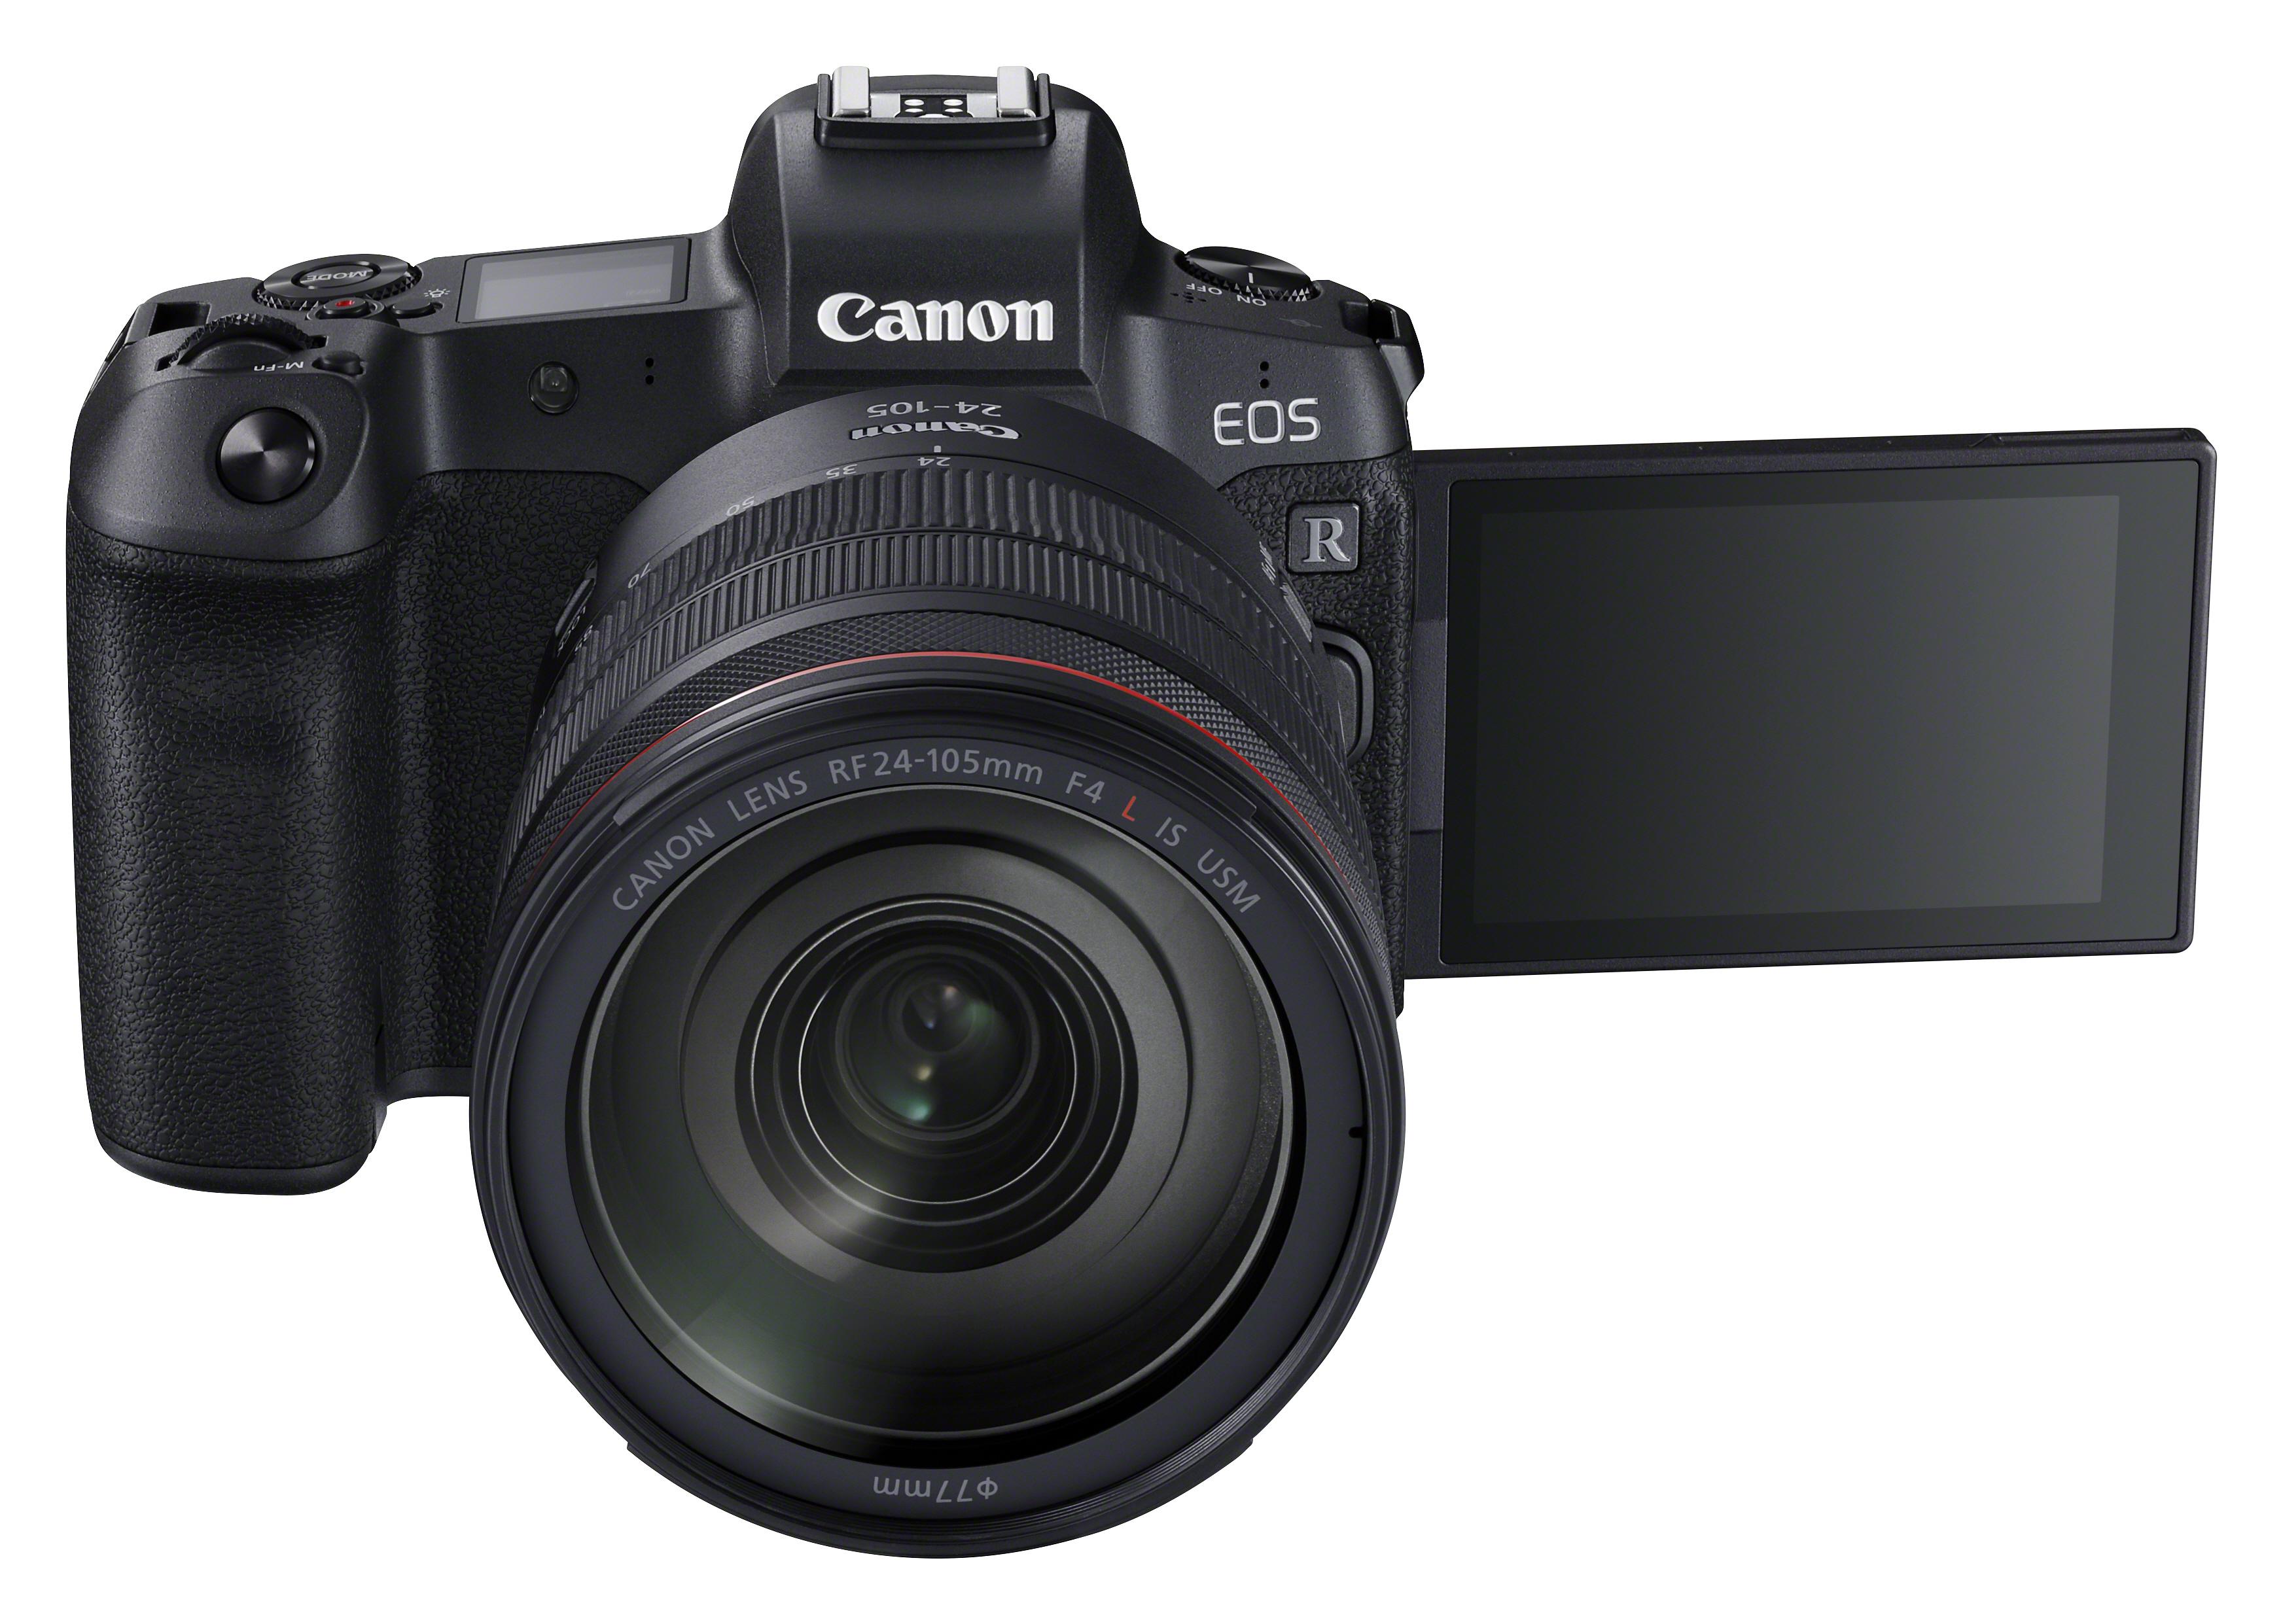 Die neue Kamera RF24 105 mit EOS-R-Technologie. Abbildung: Canon